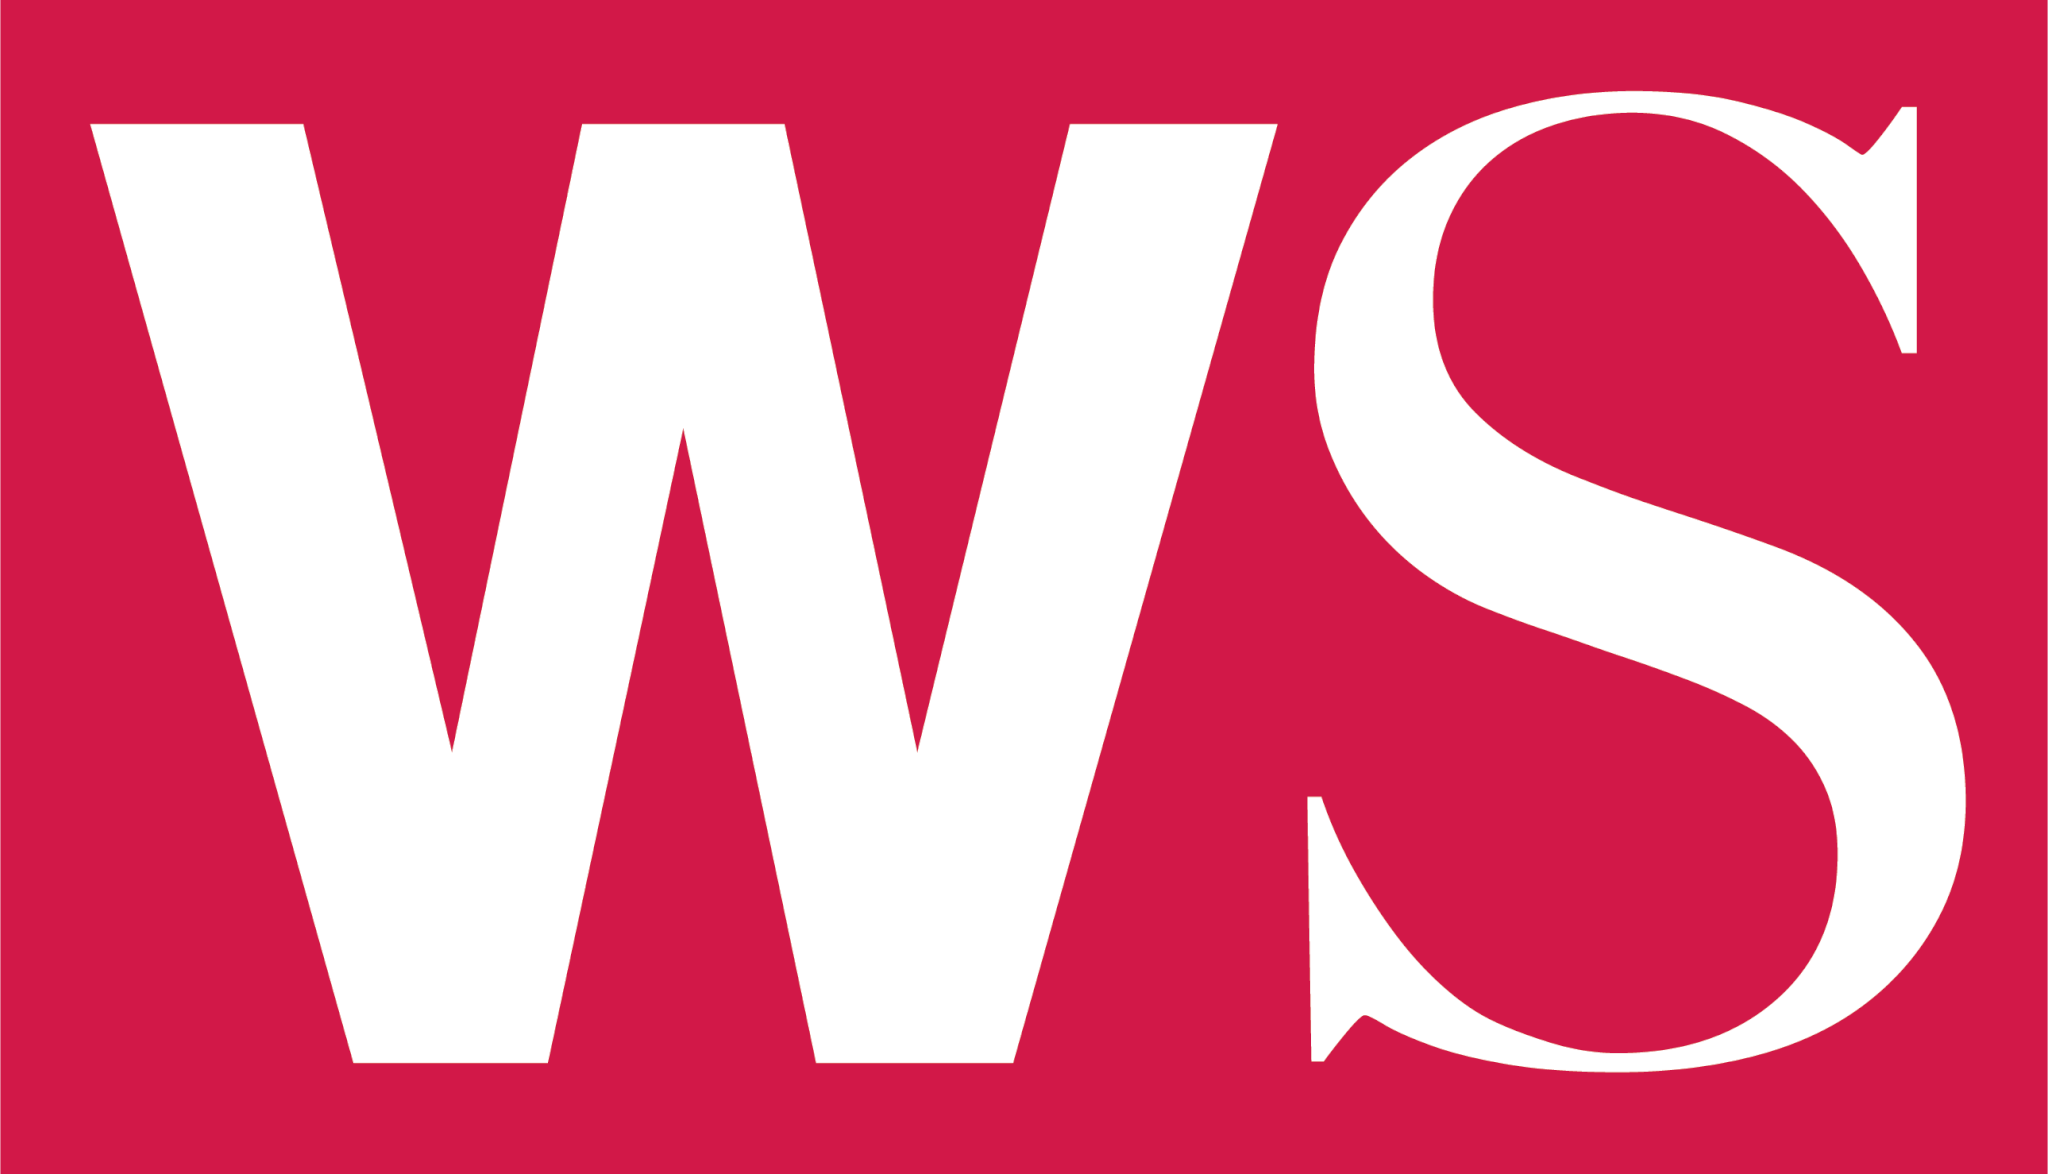 Winckworth Sherwood promotes five to partnership